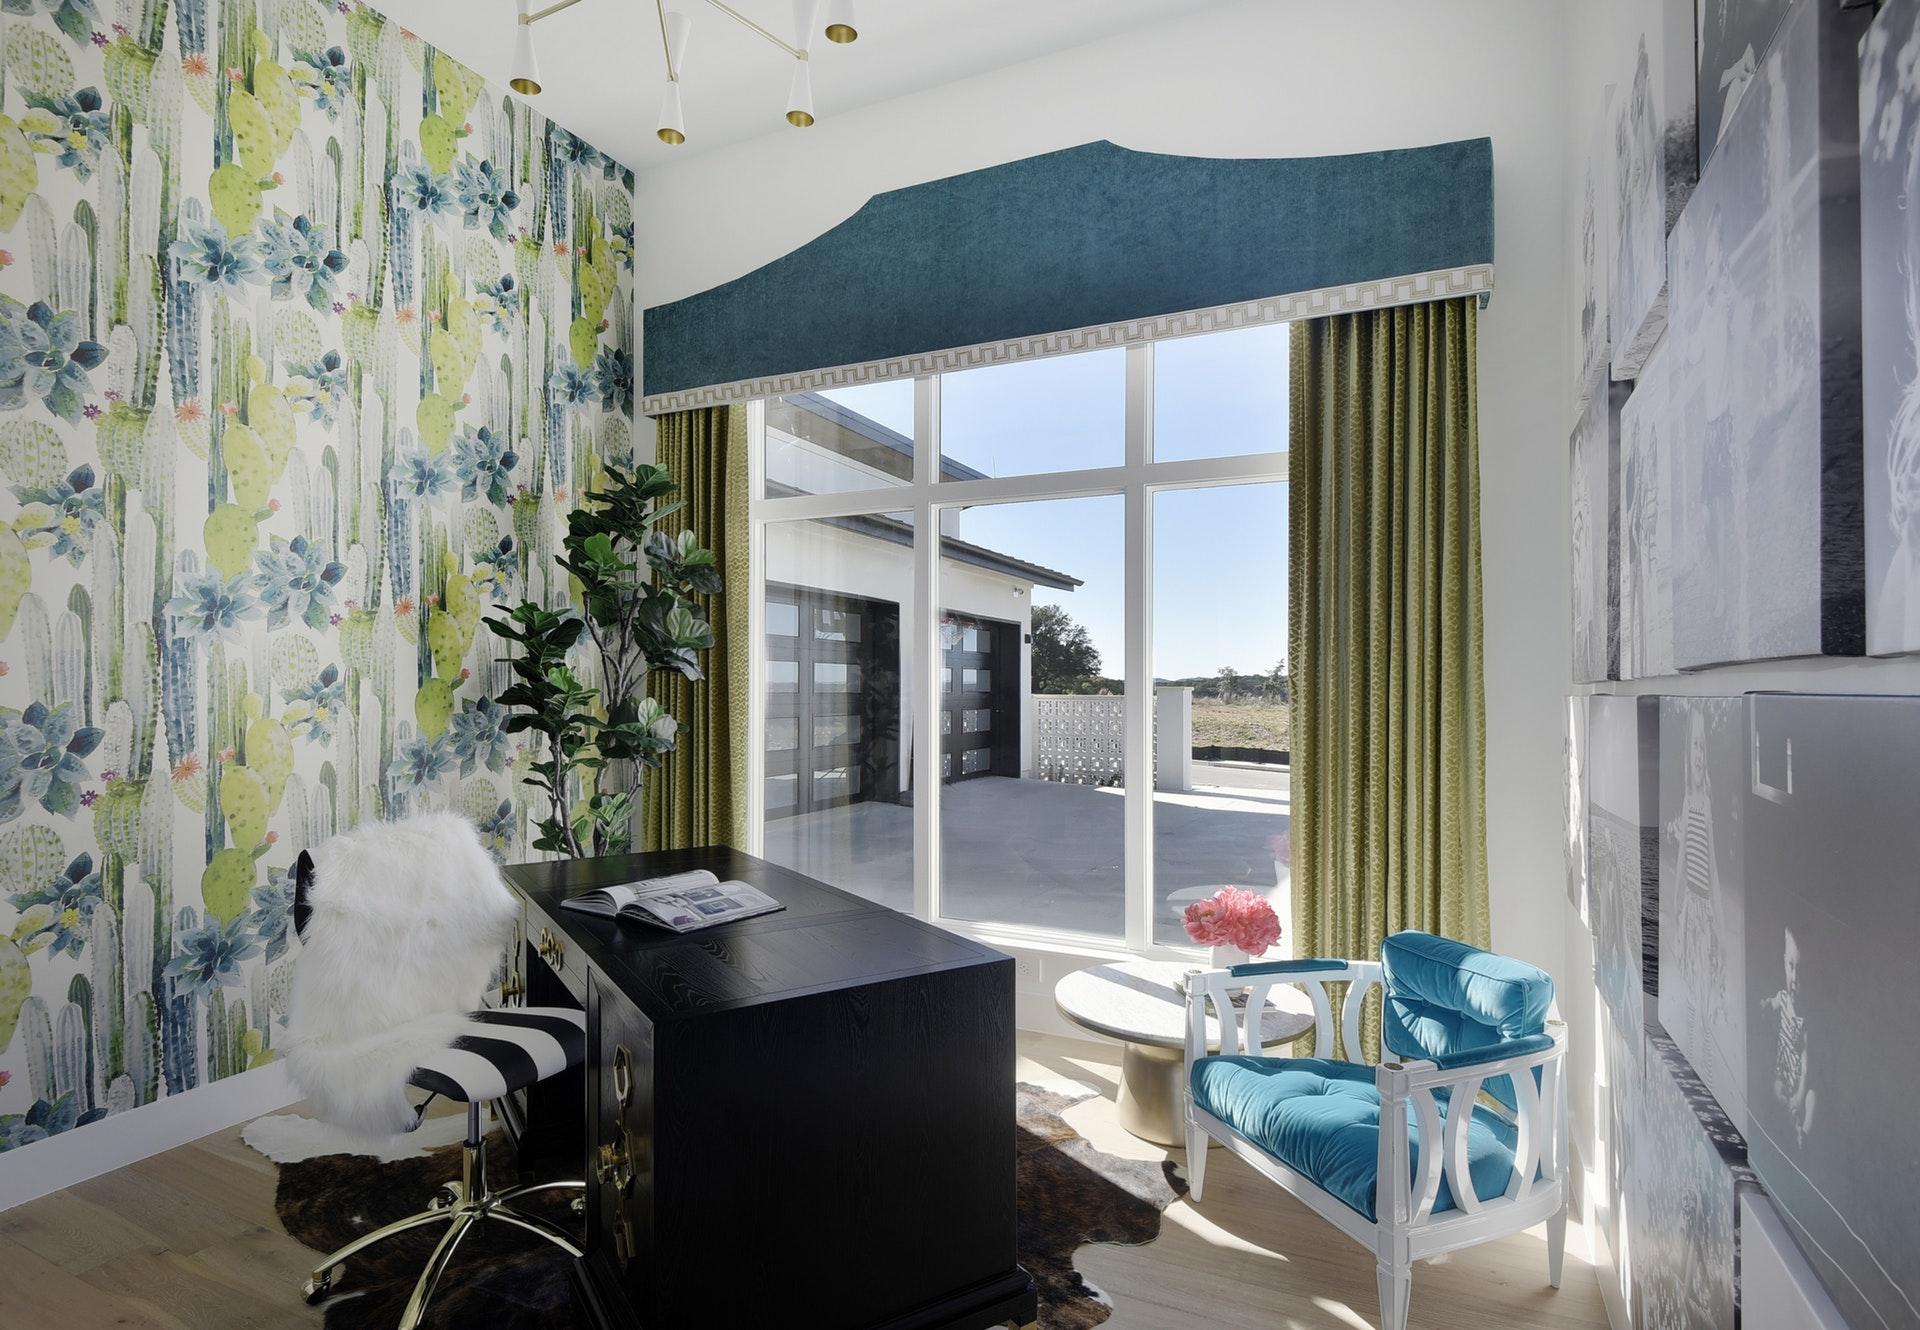 033-293999-Chelsea Kloss Interiors 034_7145551.jpg